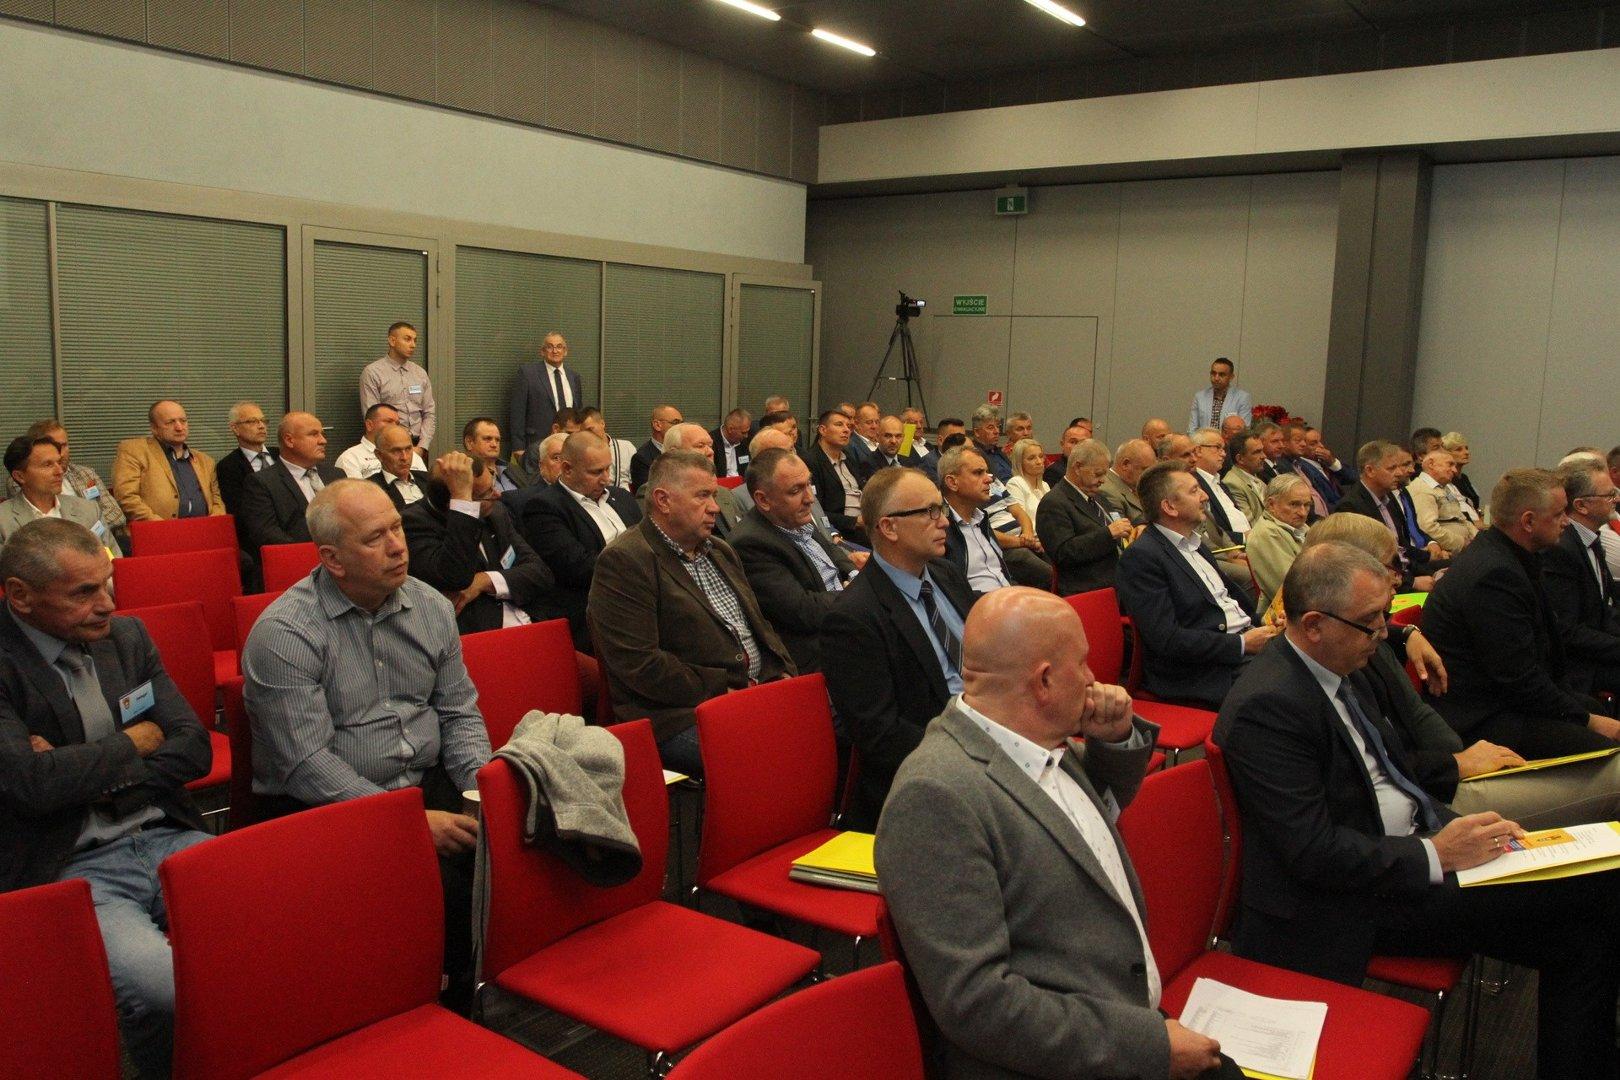 61fd69b478 Walne zebranie sprawozdawcze w Świętokrzyskim Związku Piłki Nożnej ...